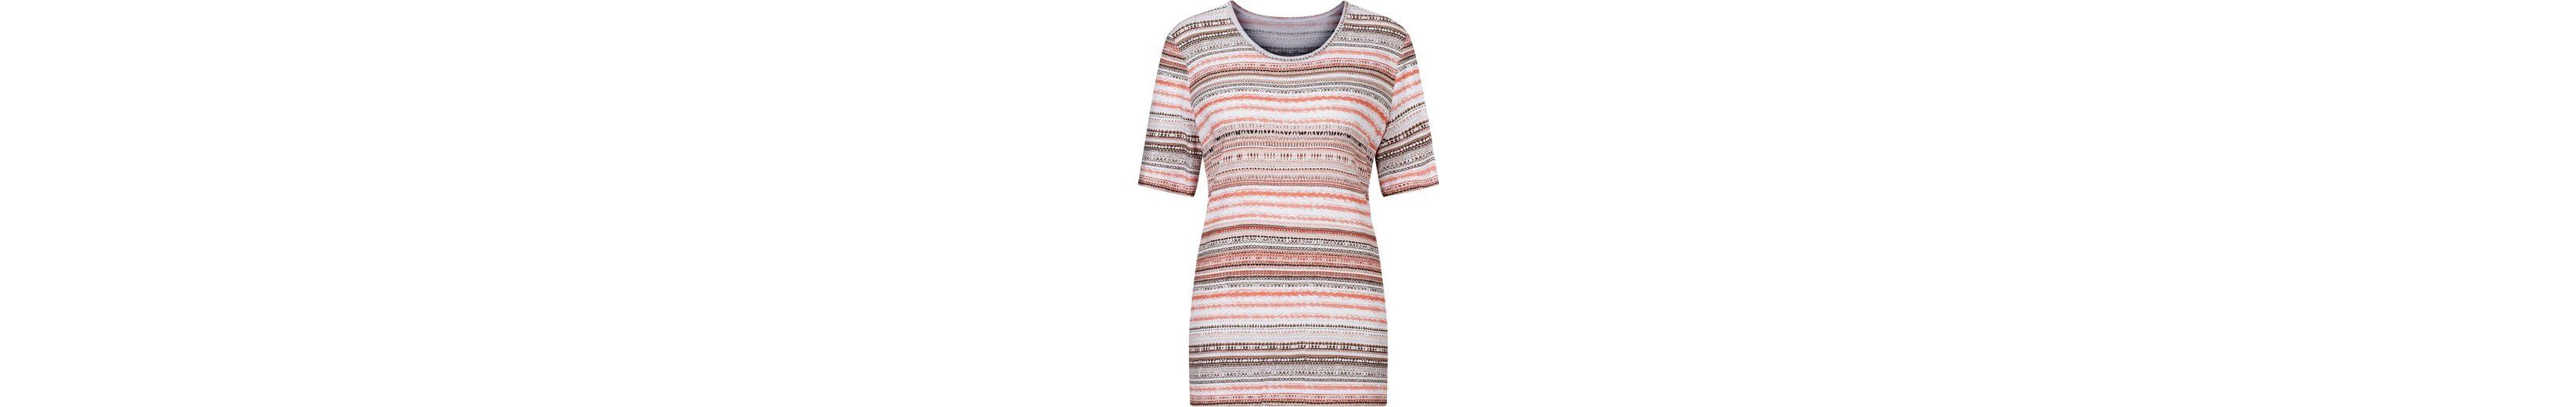 Shirt im hautsympathischen Materialmix Schnell Express Top Qualität Mit Visum Günstigem Preis Zahlen Billiges Outlet-Store Zuverlässig Günstiger Preis cSg8G